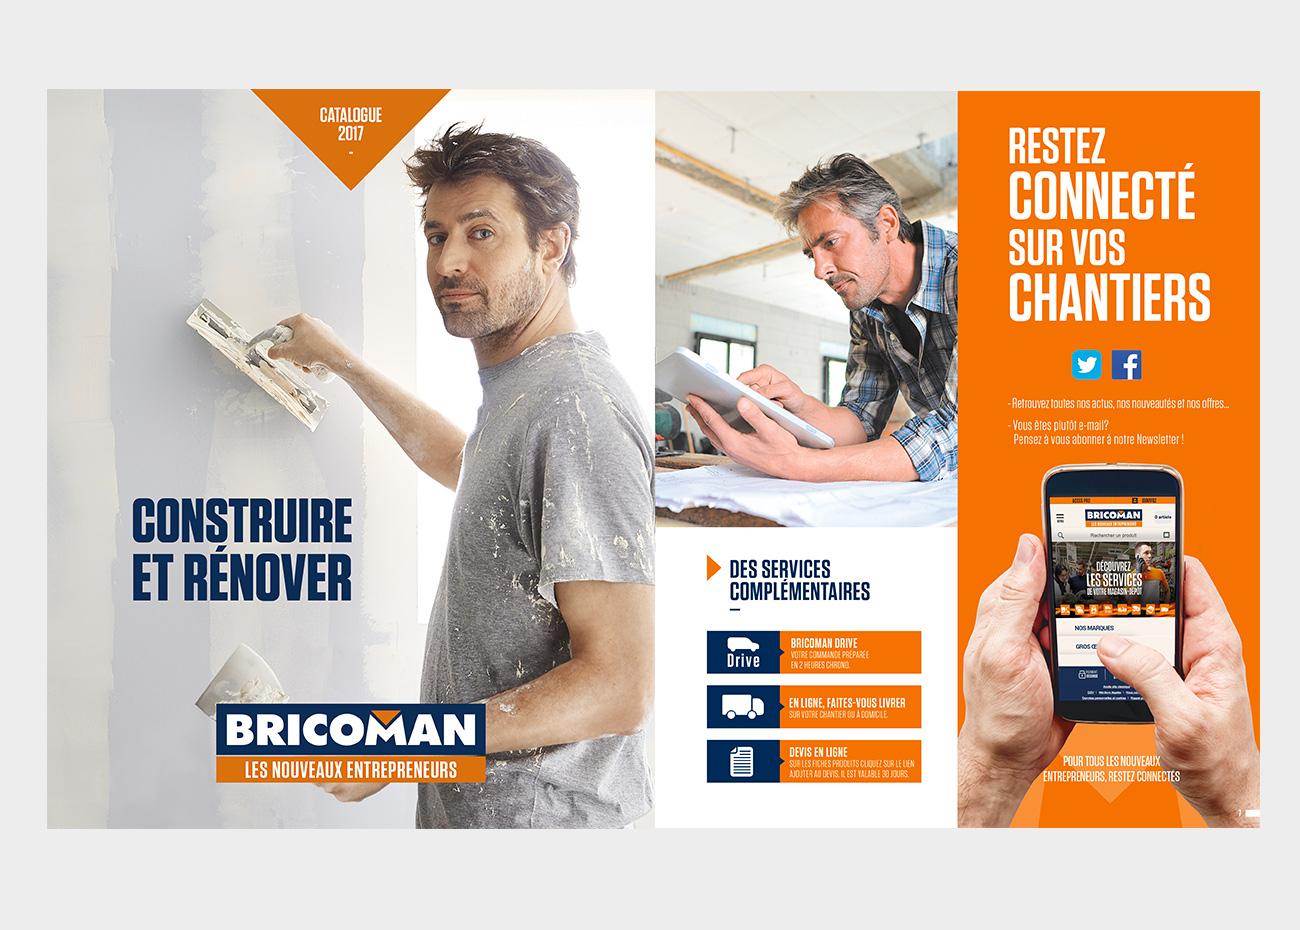 Bricoman - Catalogues And Tracts - Evo à Bricoman